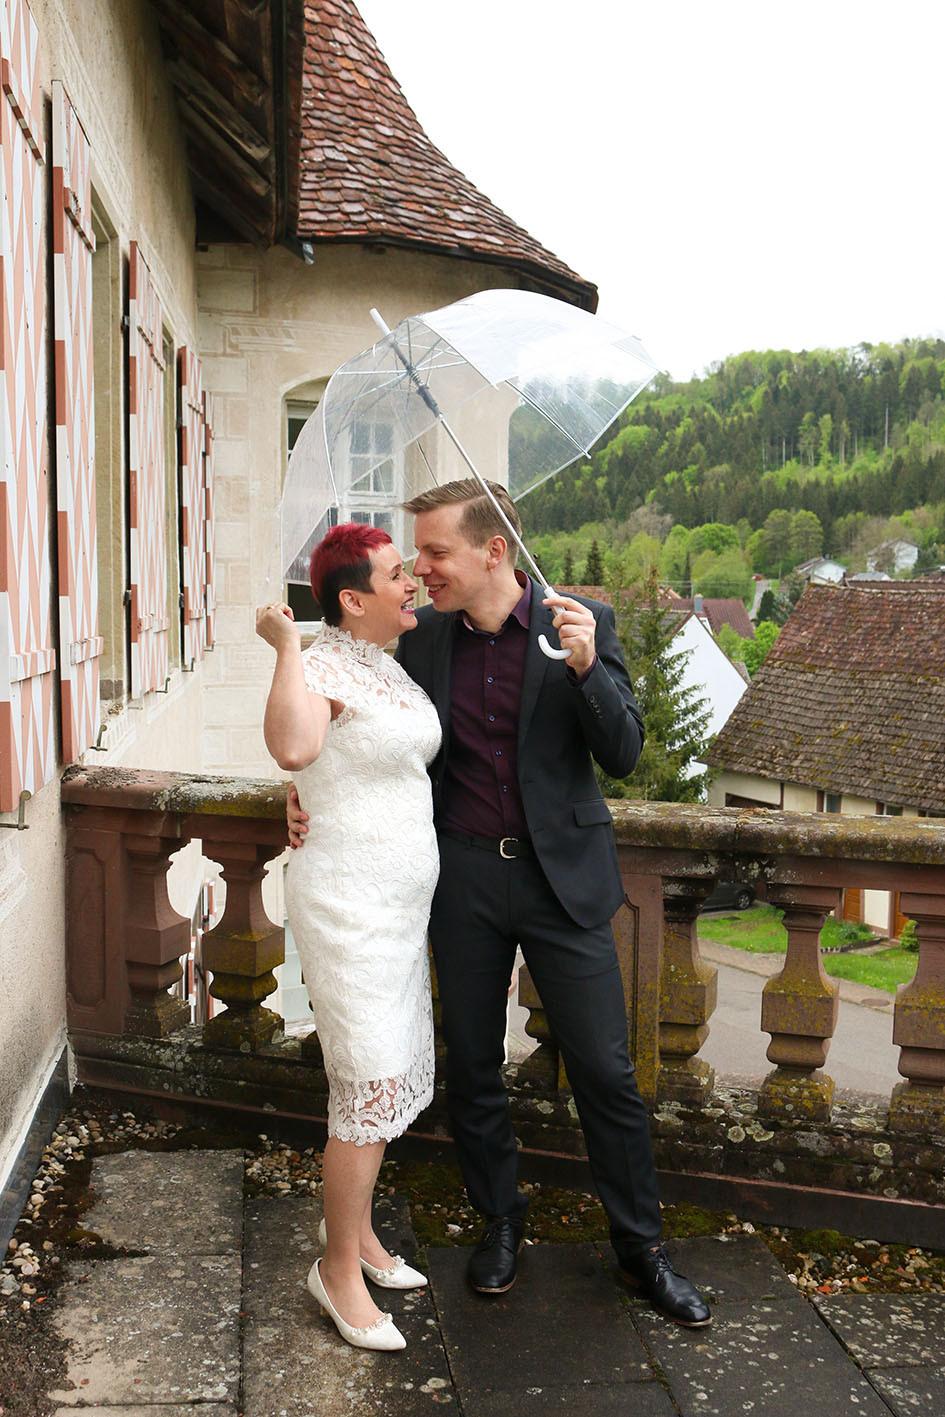 Braut und Bräutigam mit Regenschirm auf dem Balkon von Schloss Glatt.